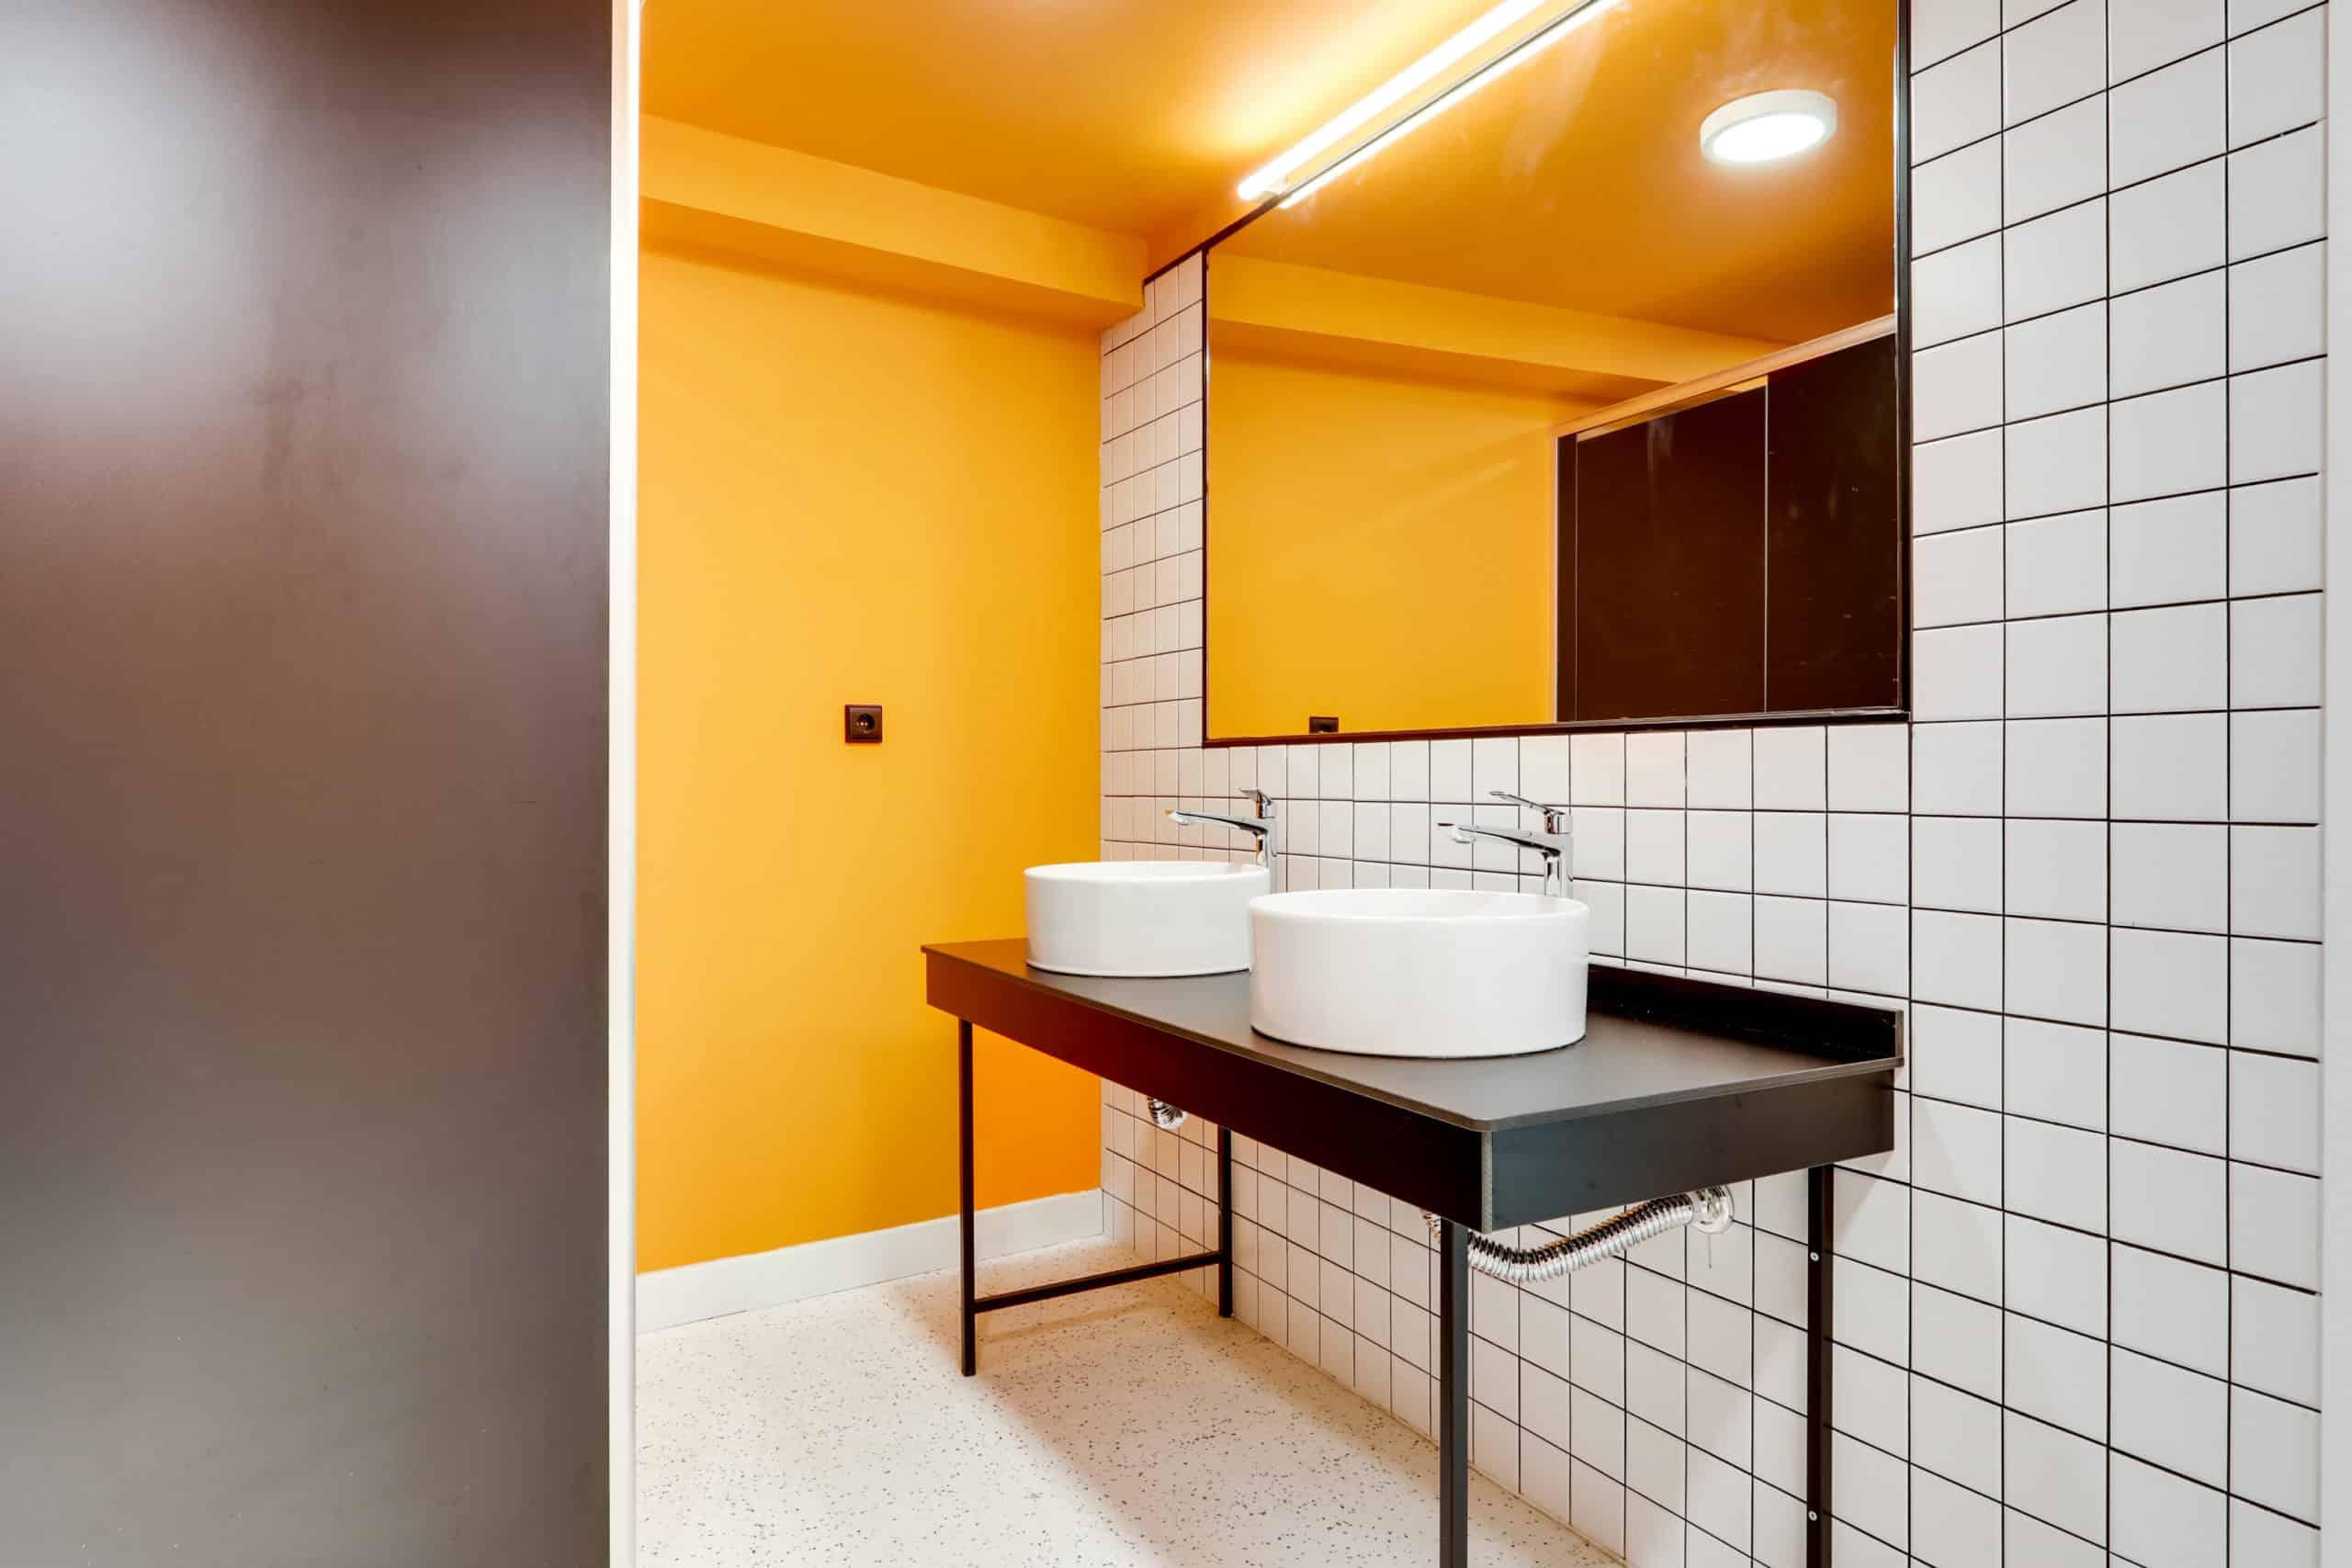 Imagen del equipamiento baño residencia estudiantes Syllabus Alboraya